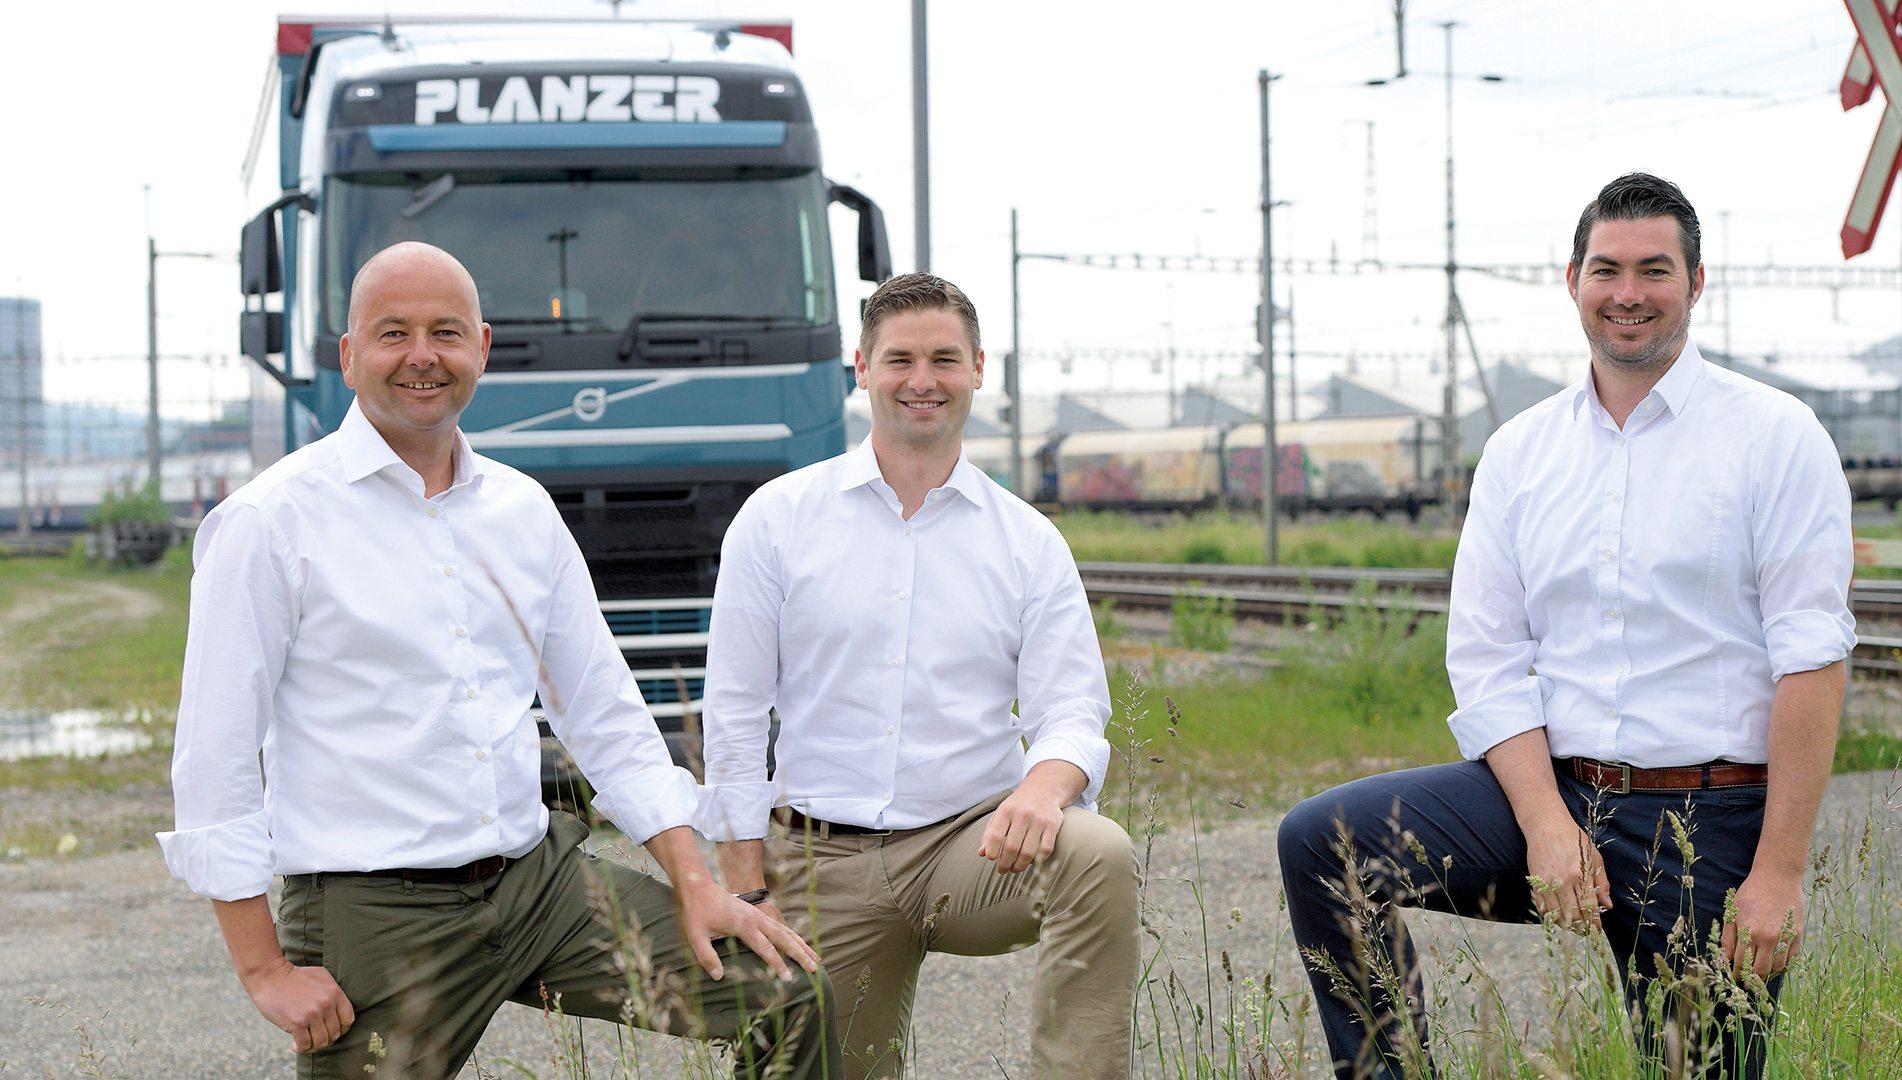 Von Generation Zu Generation Richtung Zukunft Planzer Transport Ag